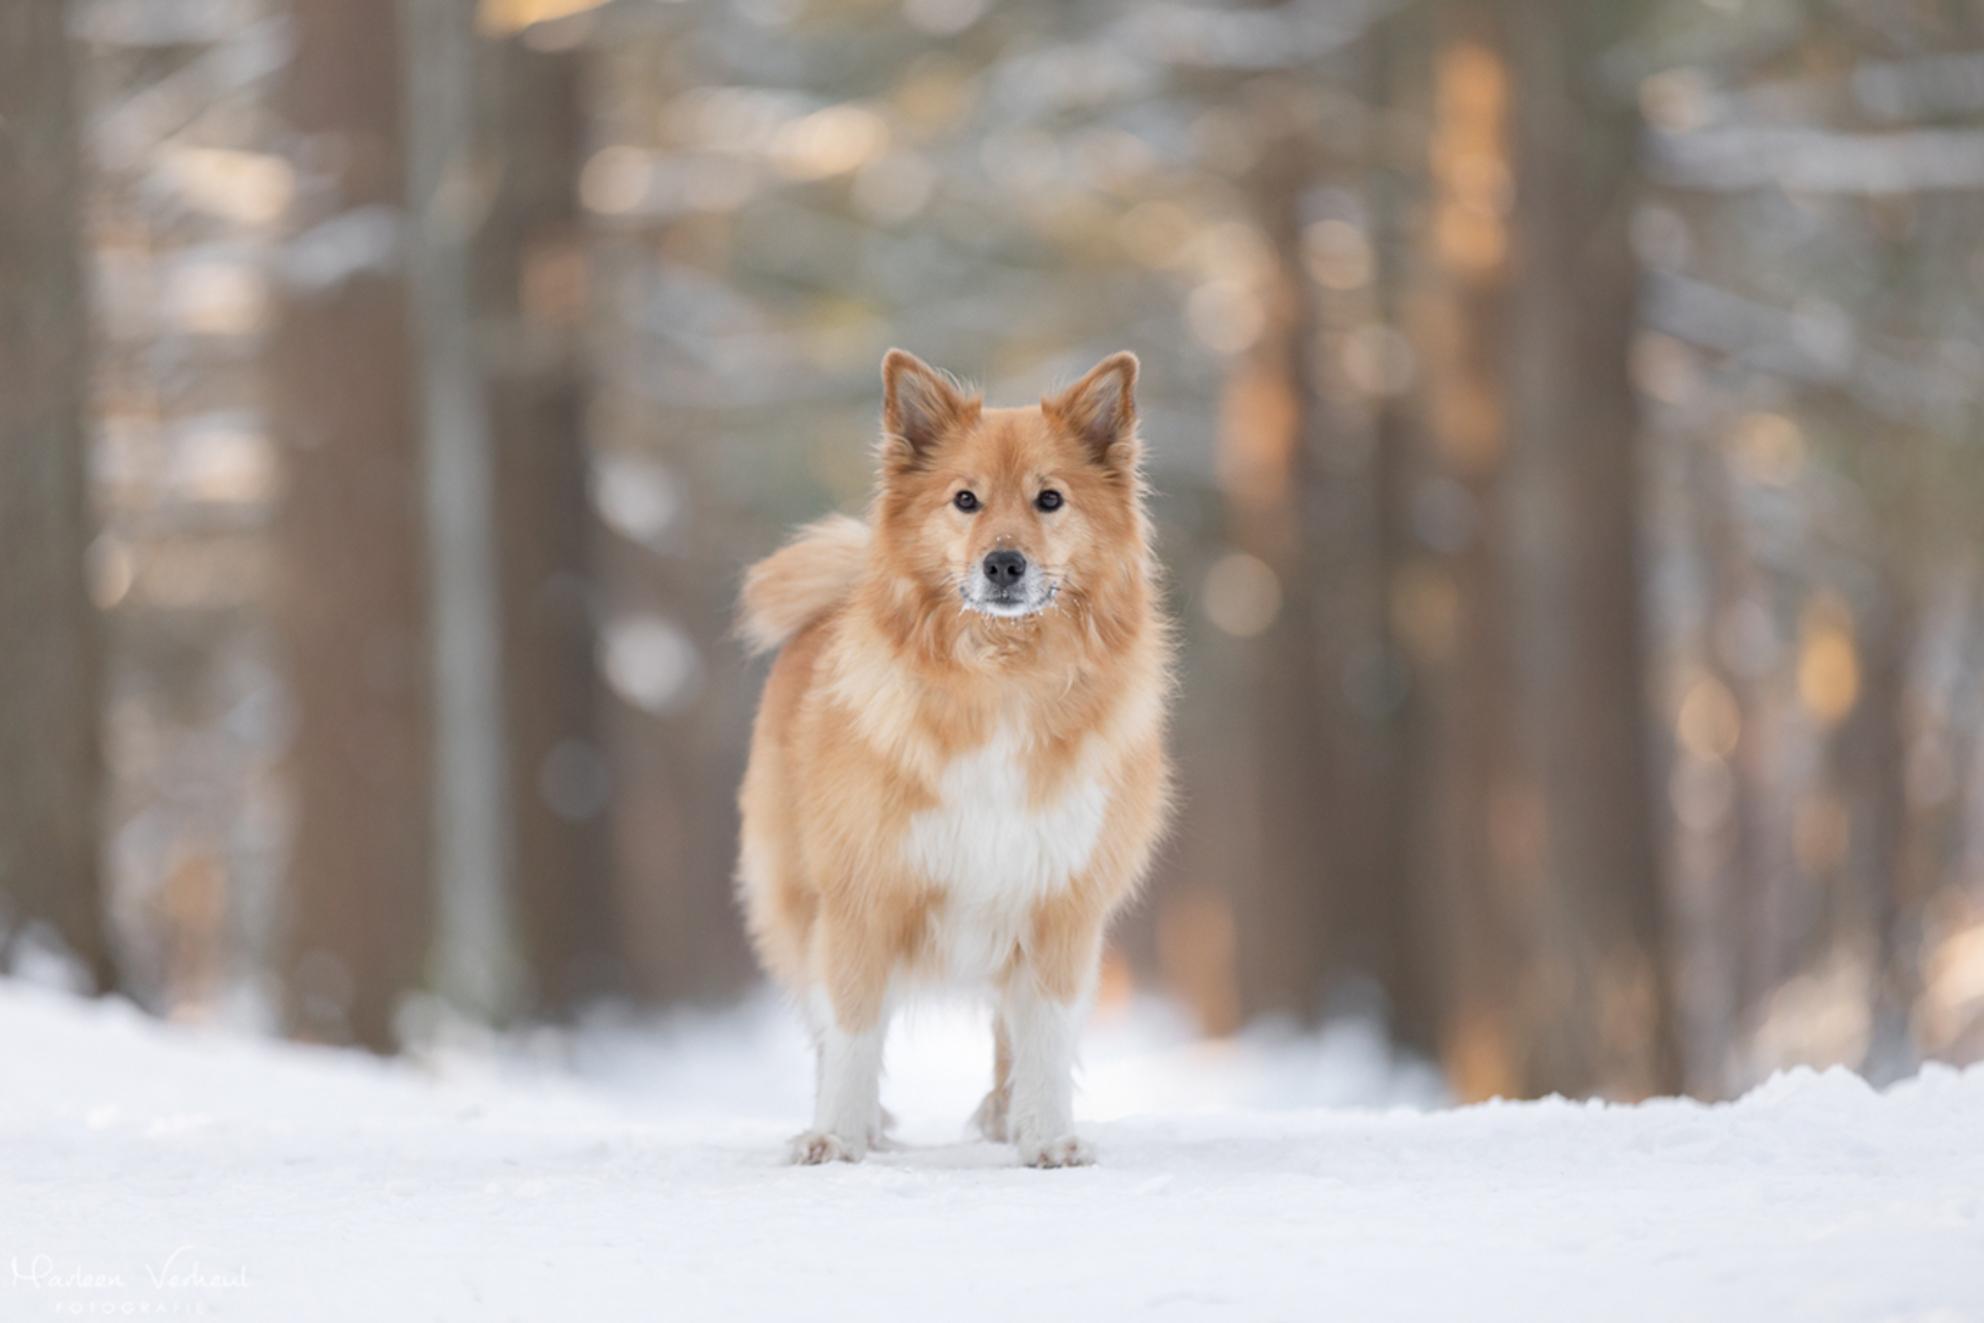 Bryja in de sneeuw - Bryja en ik hebben enorm genoten van de sneeuw.. - foto door MarleenVerheulFotografie op 15-02-2021 - deze foto bevat: dieren, huisdier, hond, hondenfotografie, hondenfotograaf - Deze foto mag gebruikt worden in een Zoom.nl publicatie